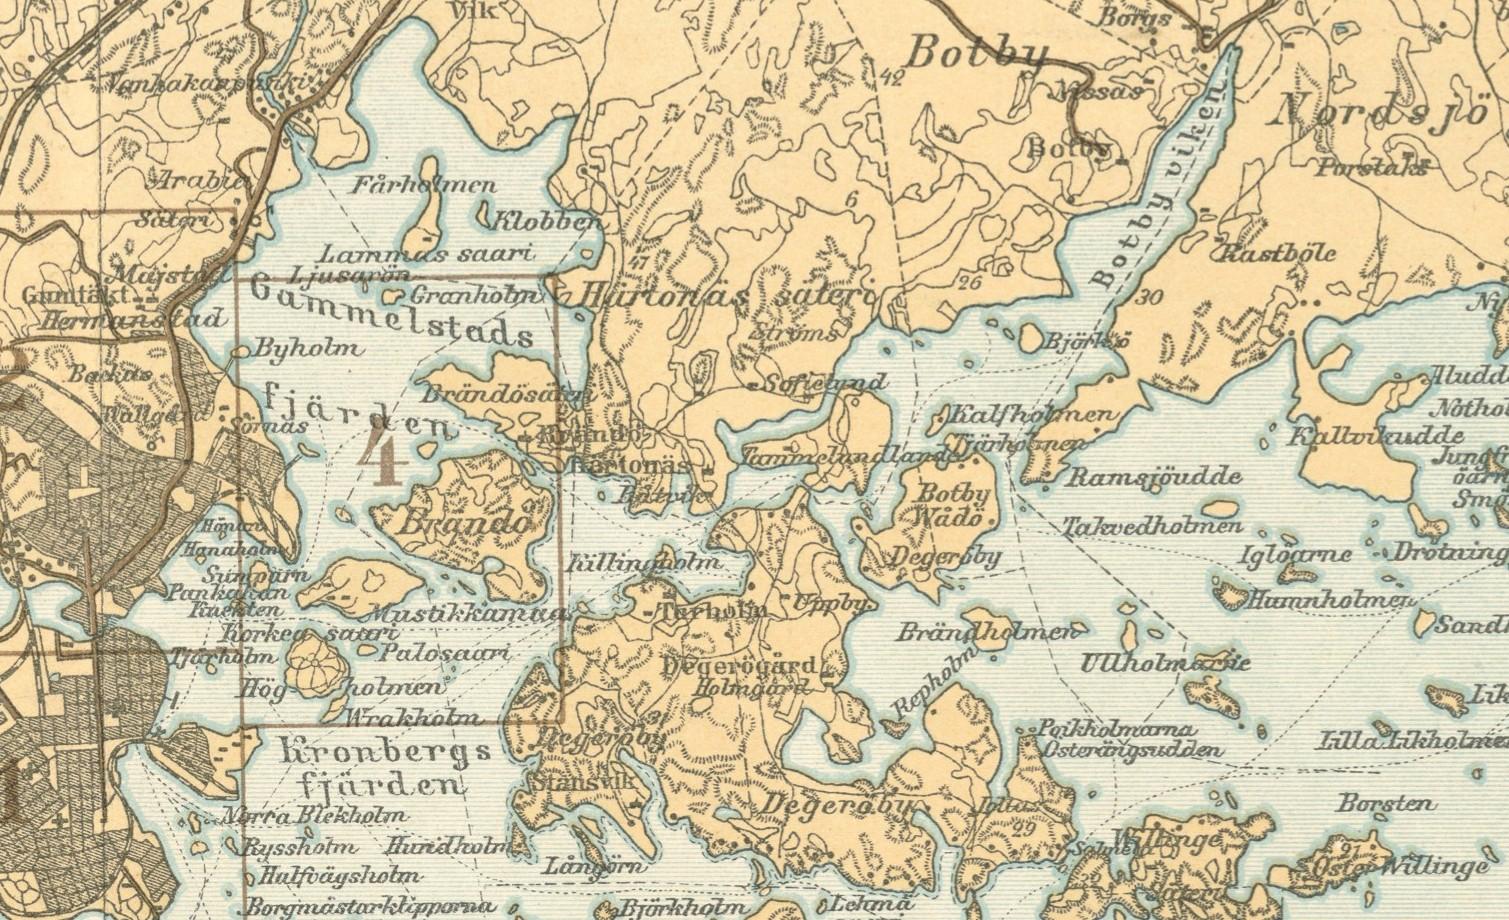 Helsinki ympäristöineen. Suomen matkailuyhdistys 1920.